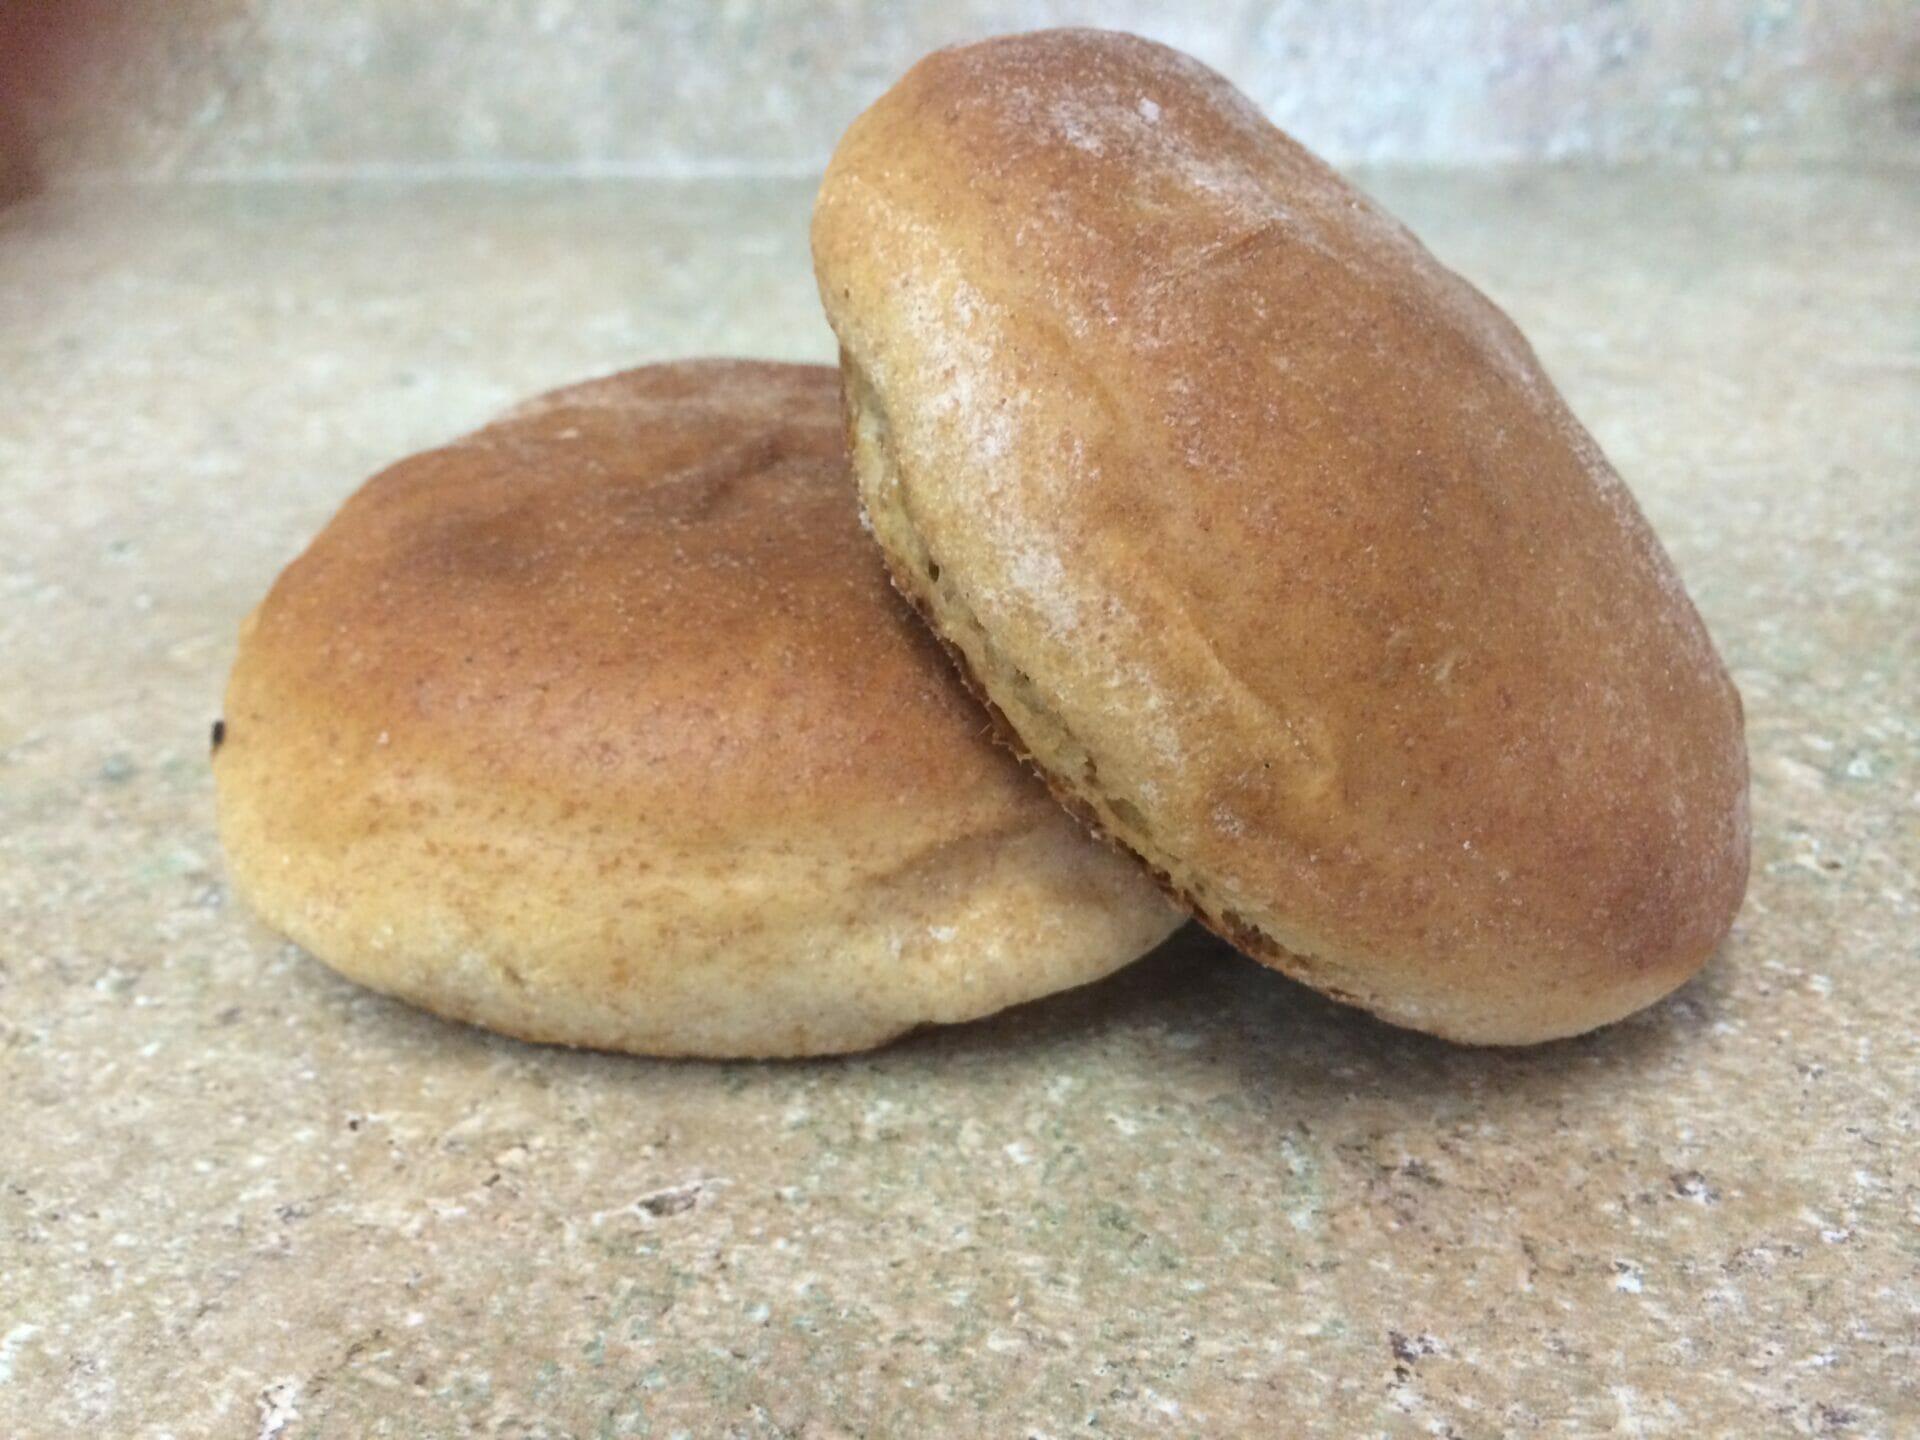 spelt einhorn burger buns recipe